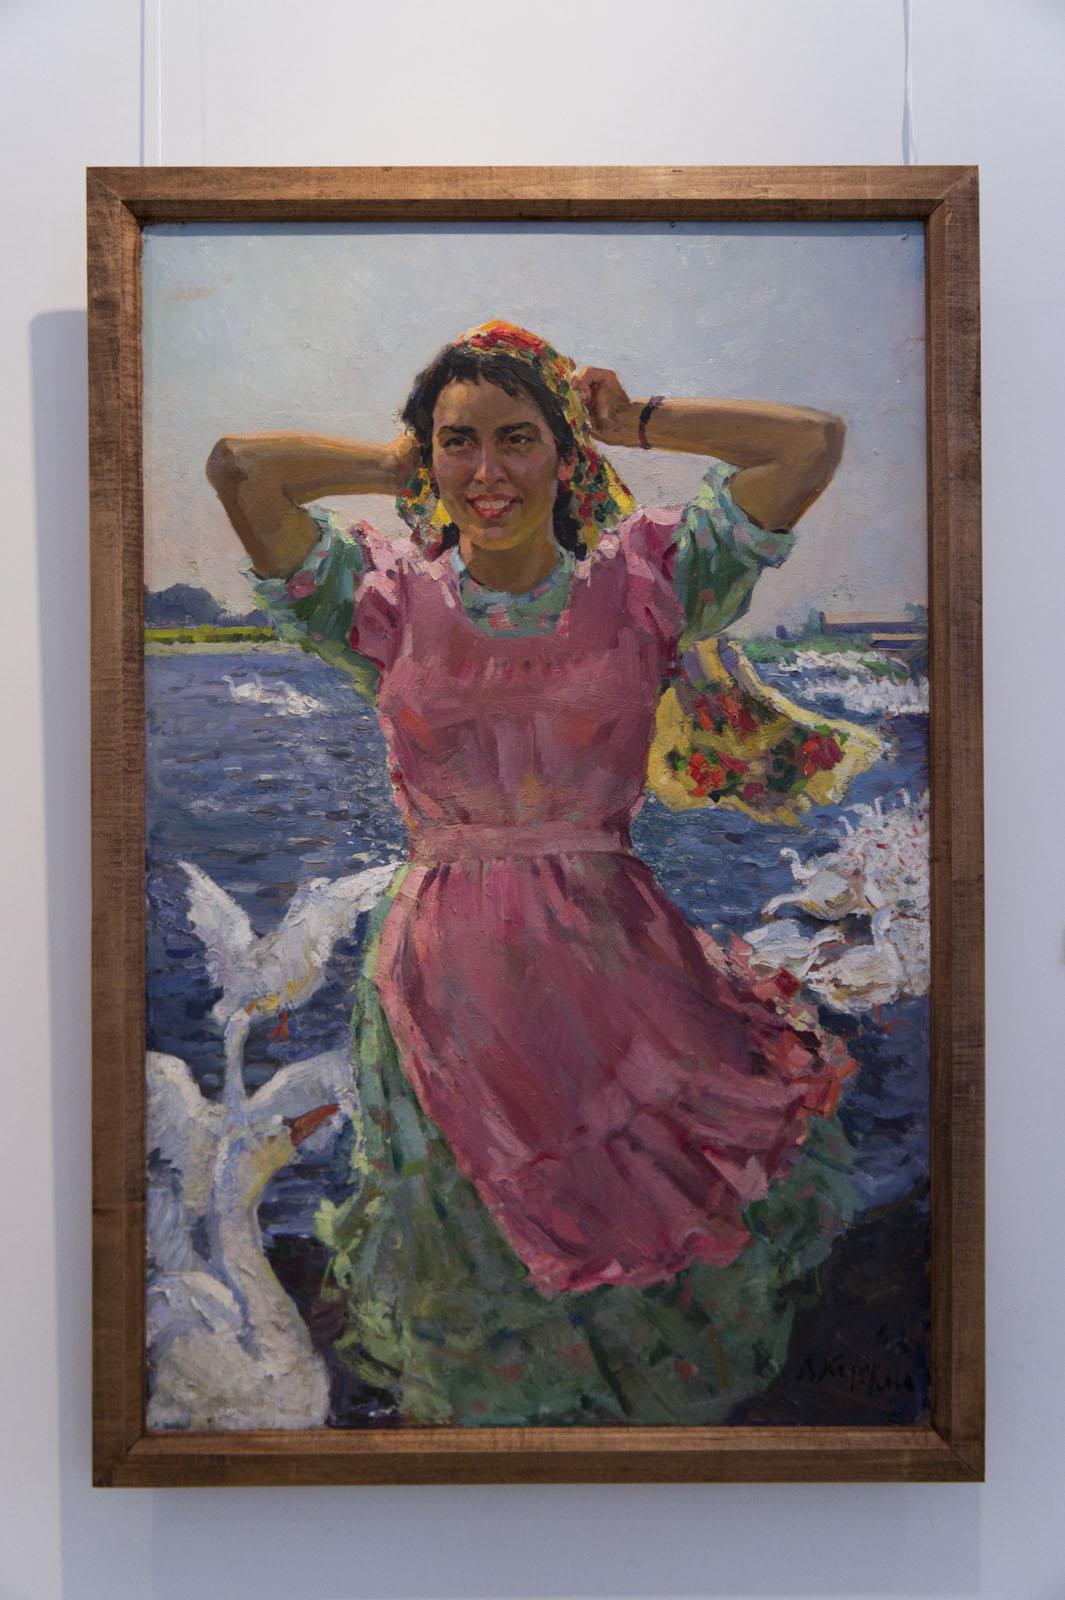 Фото №75661. «Птичница», портрет М.Валиевой, 1962, холст, масло